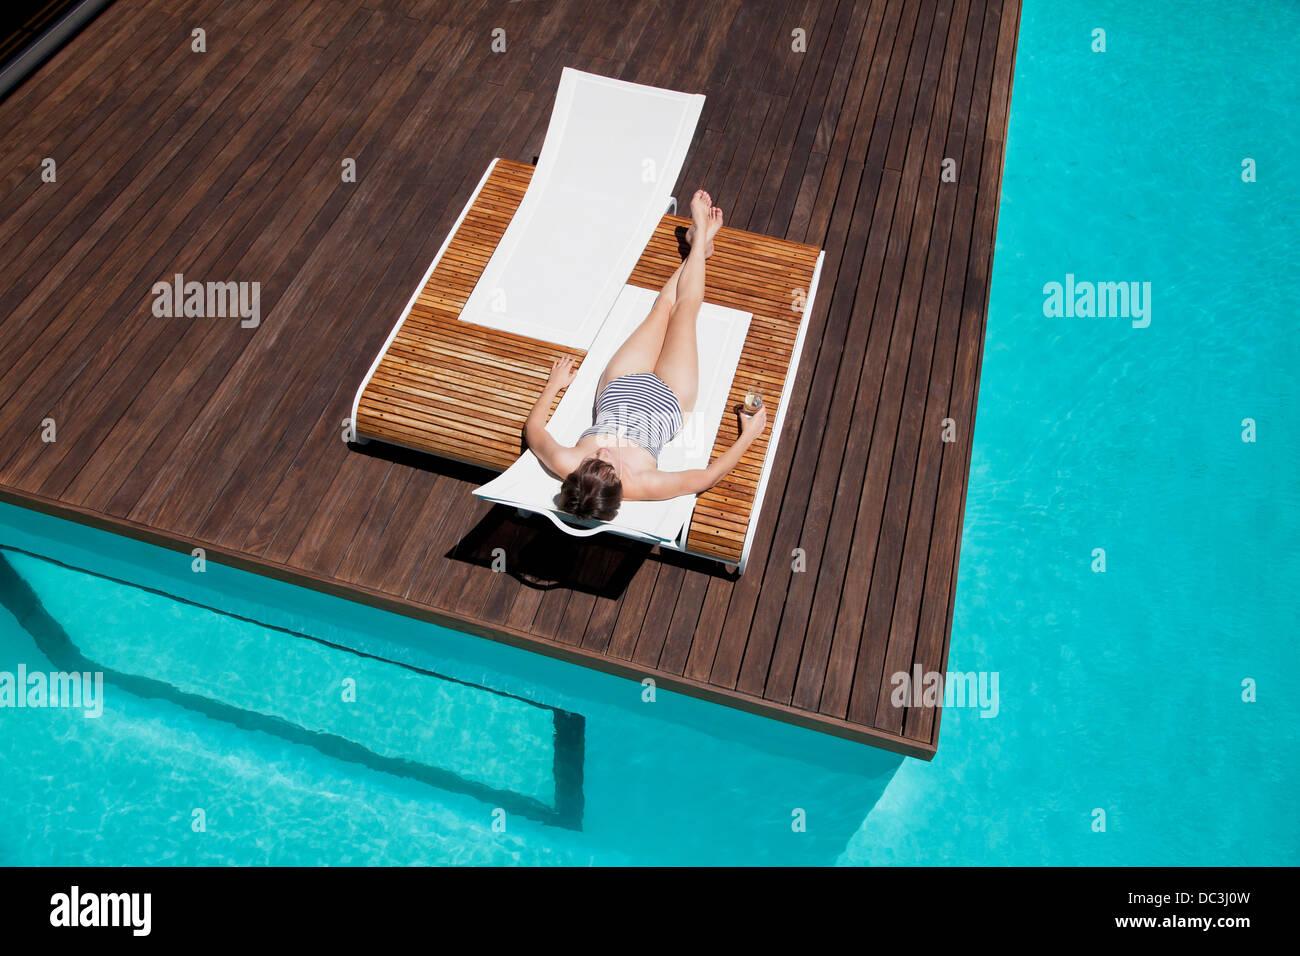 La donna a prendere il sole a bordo piscina Immagini Stock